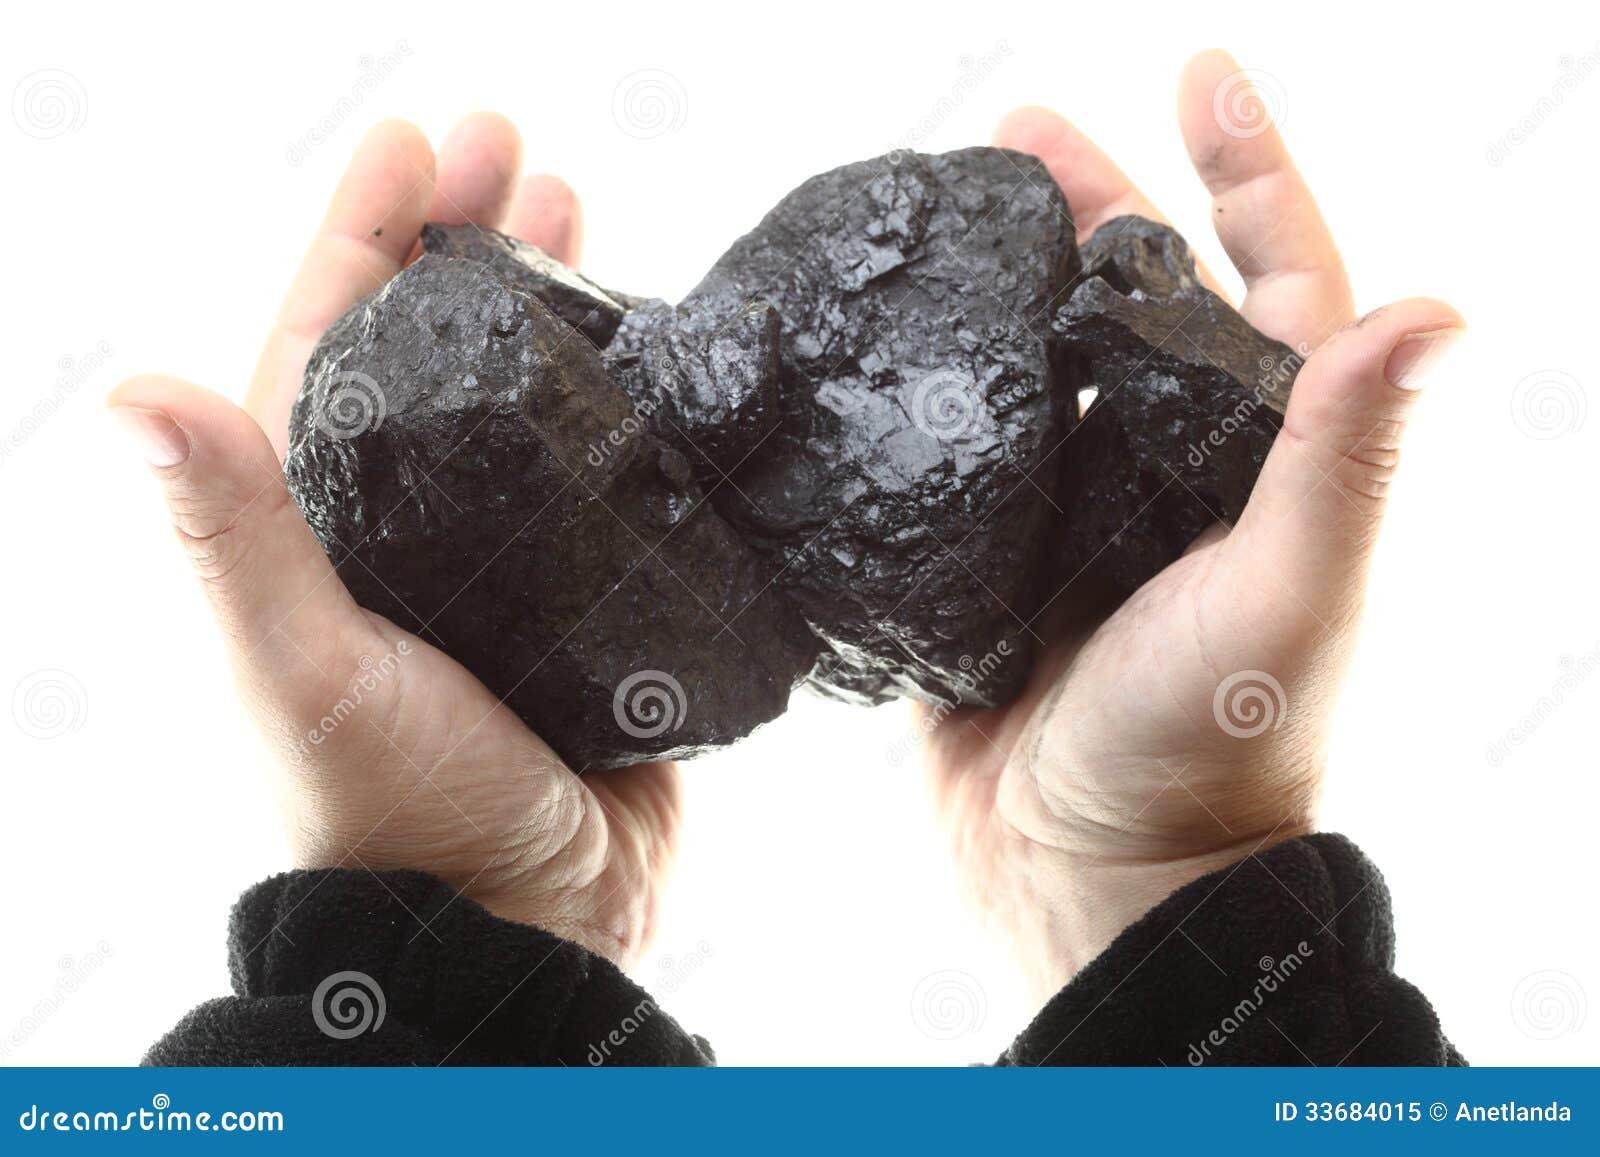 Stücke Kohle in der Hand lokalisiert auf weißem Hintergrund